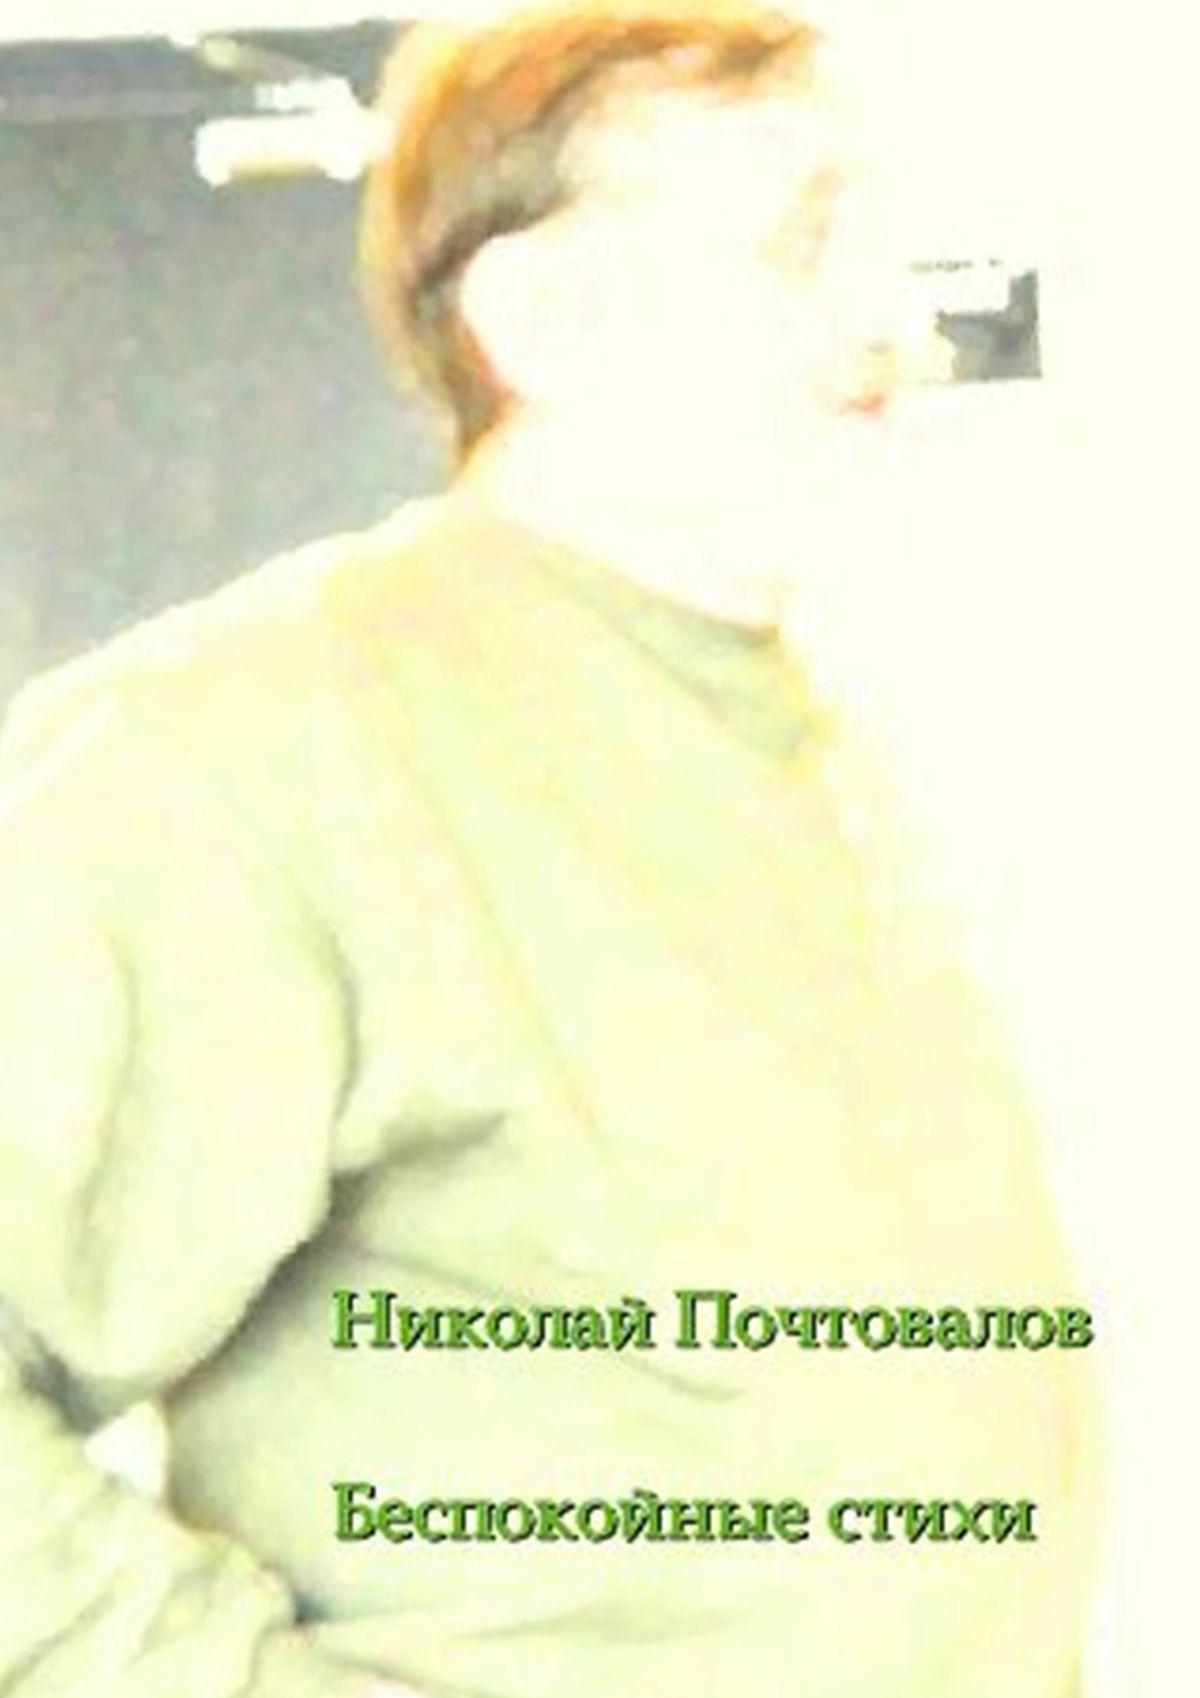 Николай Петрович Почтовалов Беспокойные стихи. 2013—2014гг. петрозаводск petroskoi